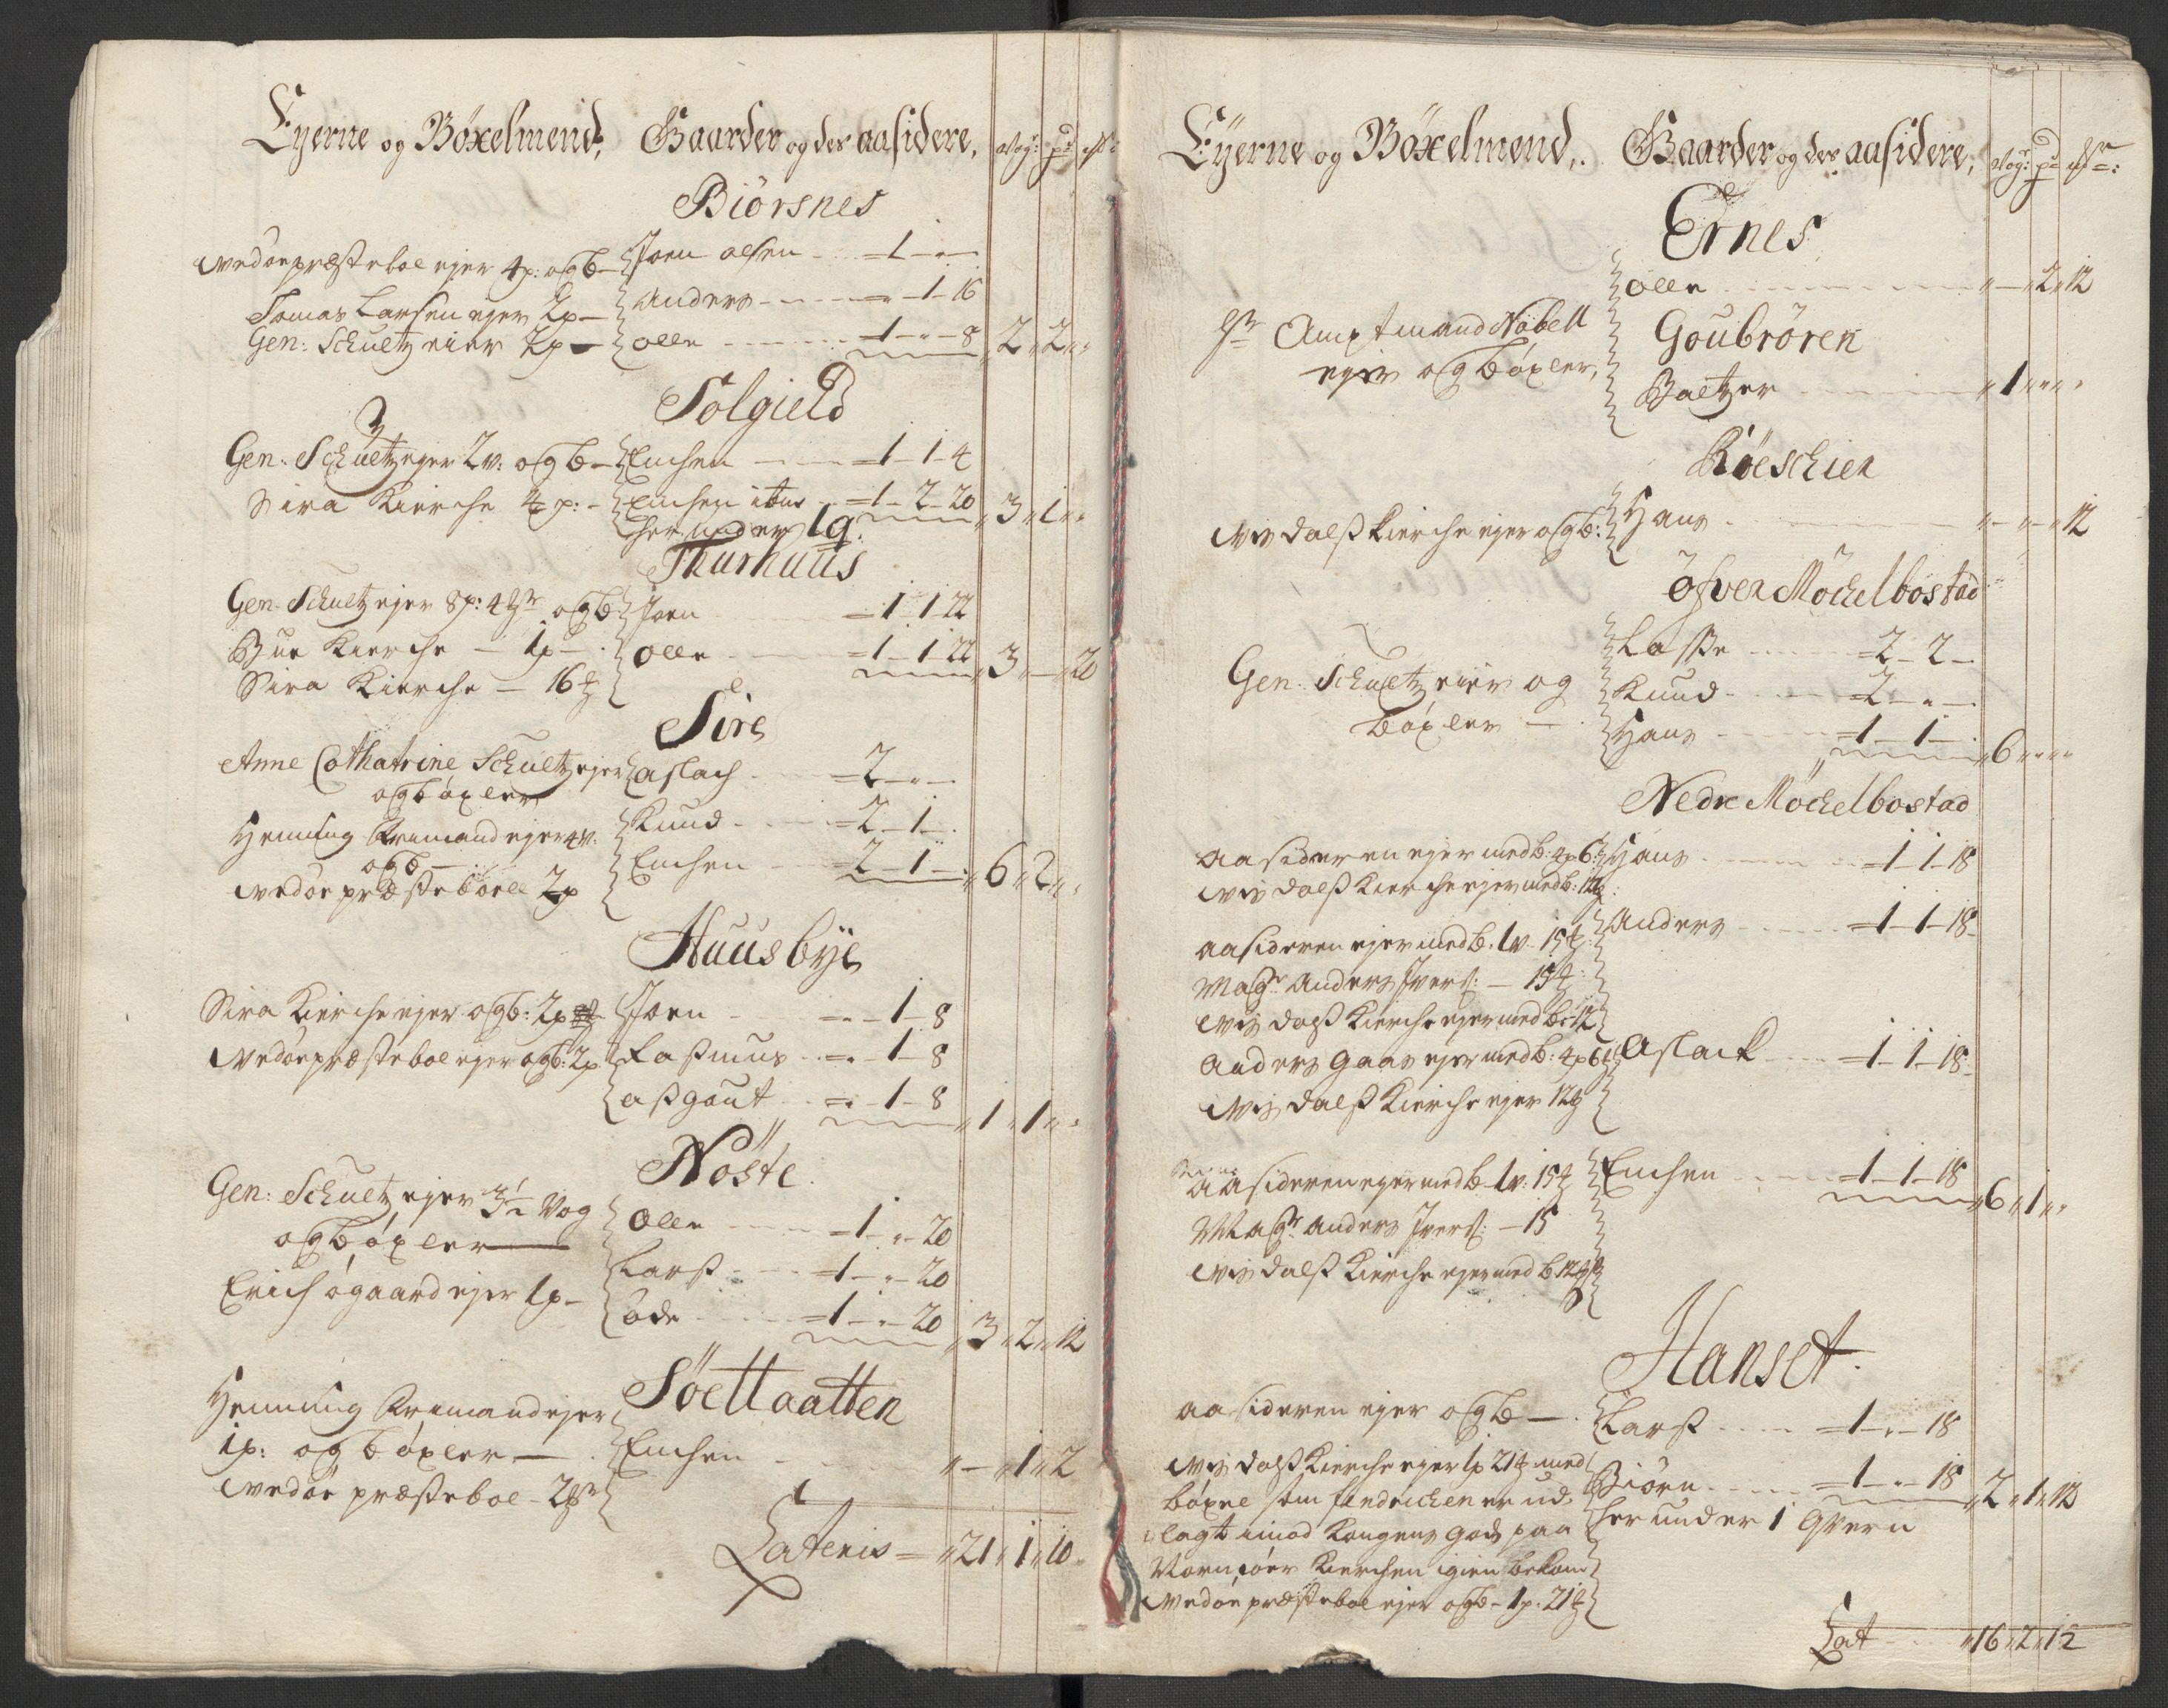 RA, Rentekammeret inntil 1814, Reviderte regnskaper, Fogderegnskap, R55/L3665: Fogderegnskap Romsdal, 1718, s. 32